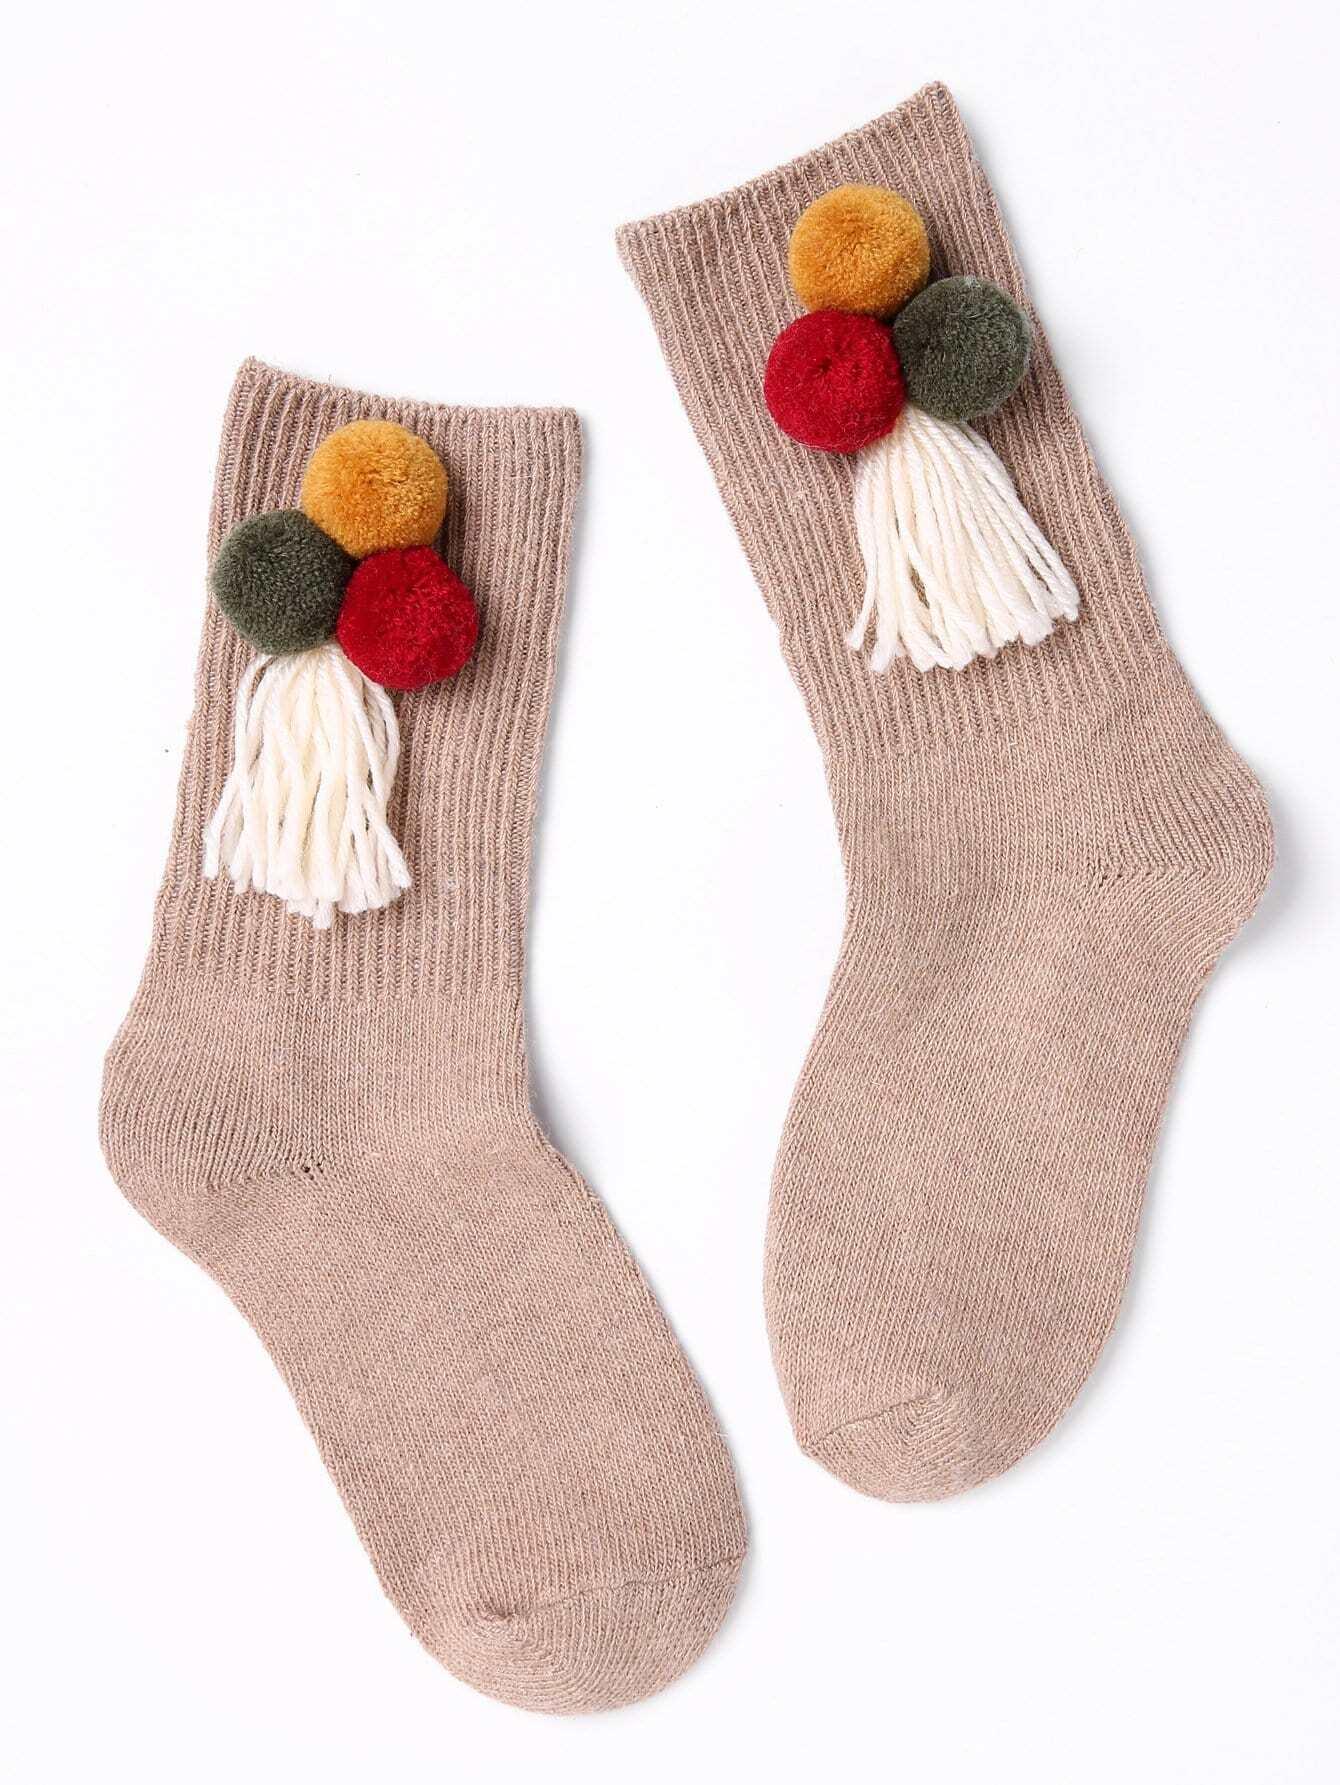 Socken 1Paar mit Pompons Dekor